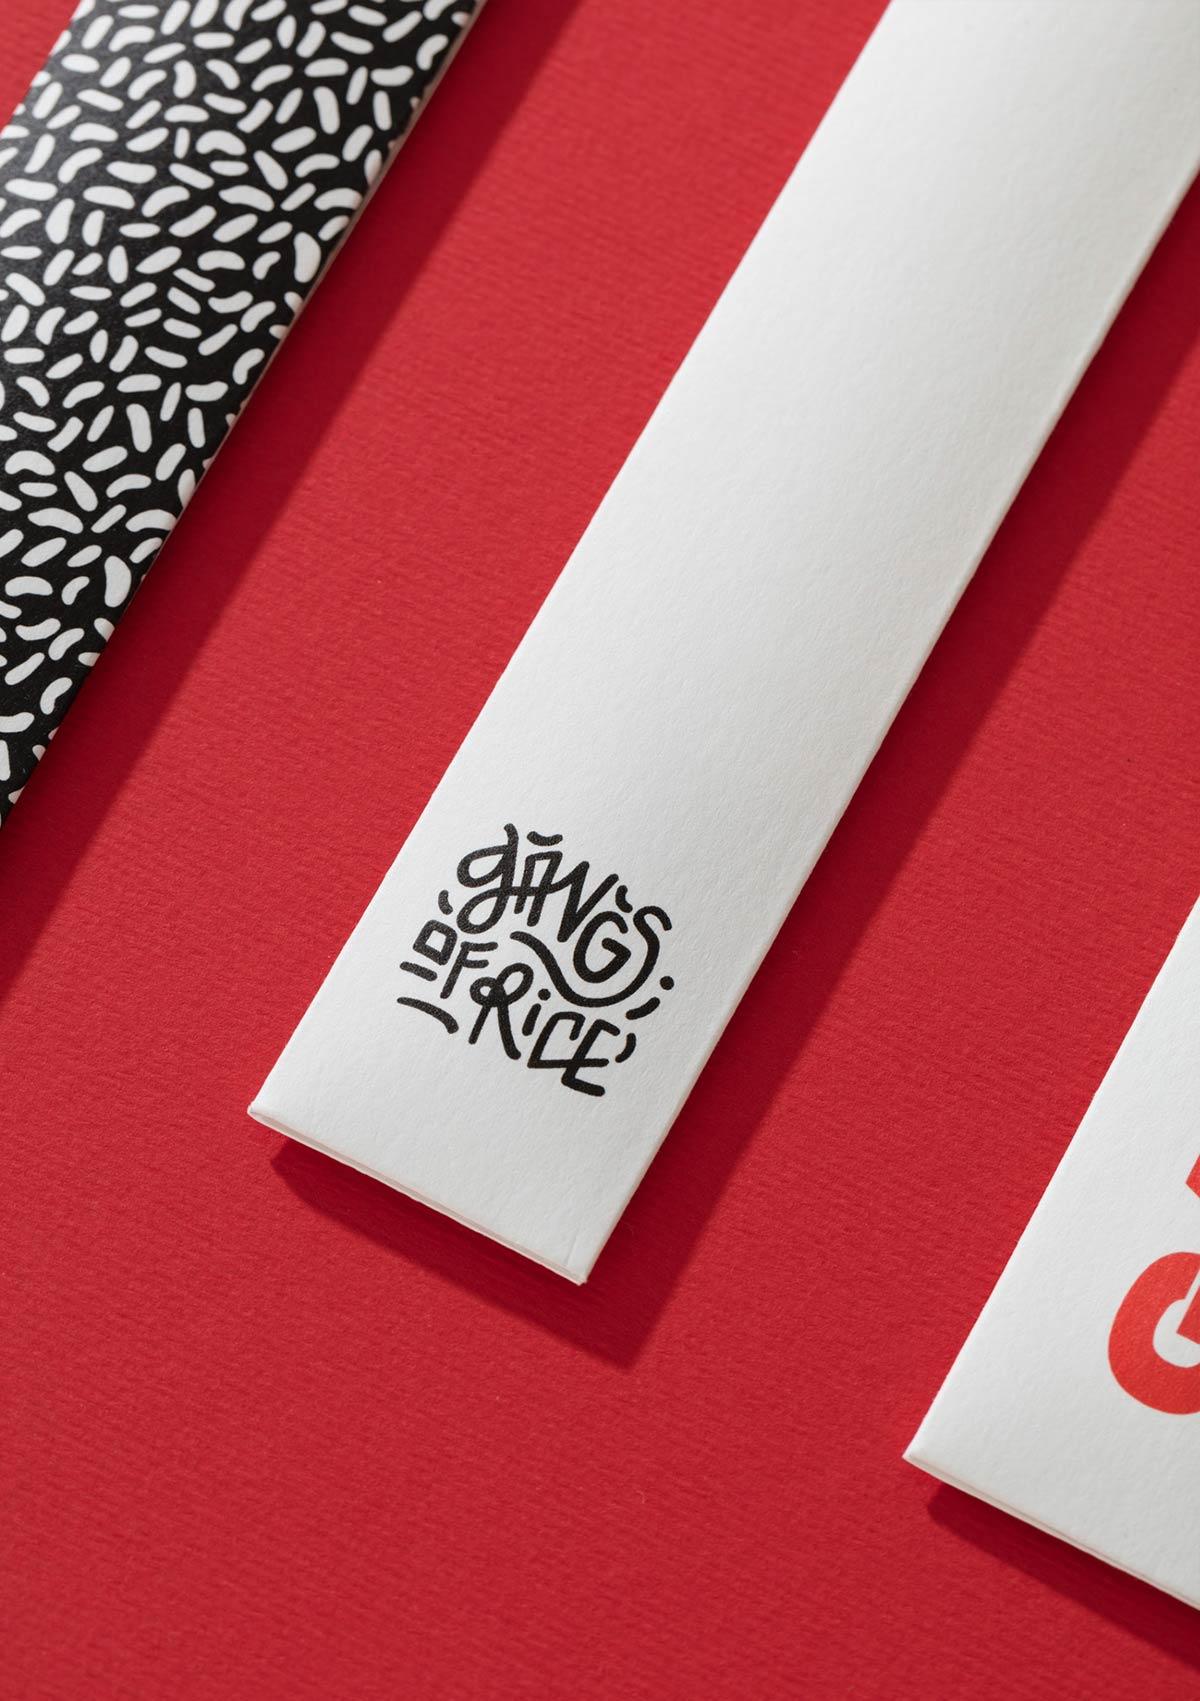 超酷黑红!餐饮品牌VI设计